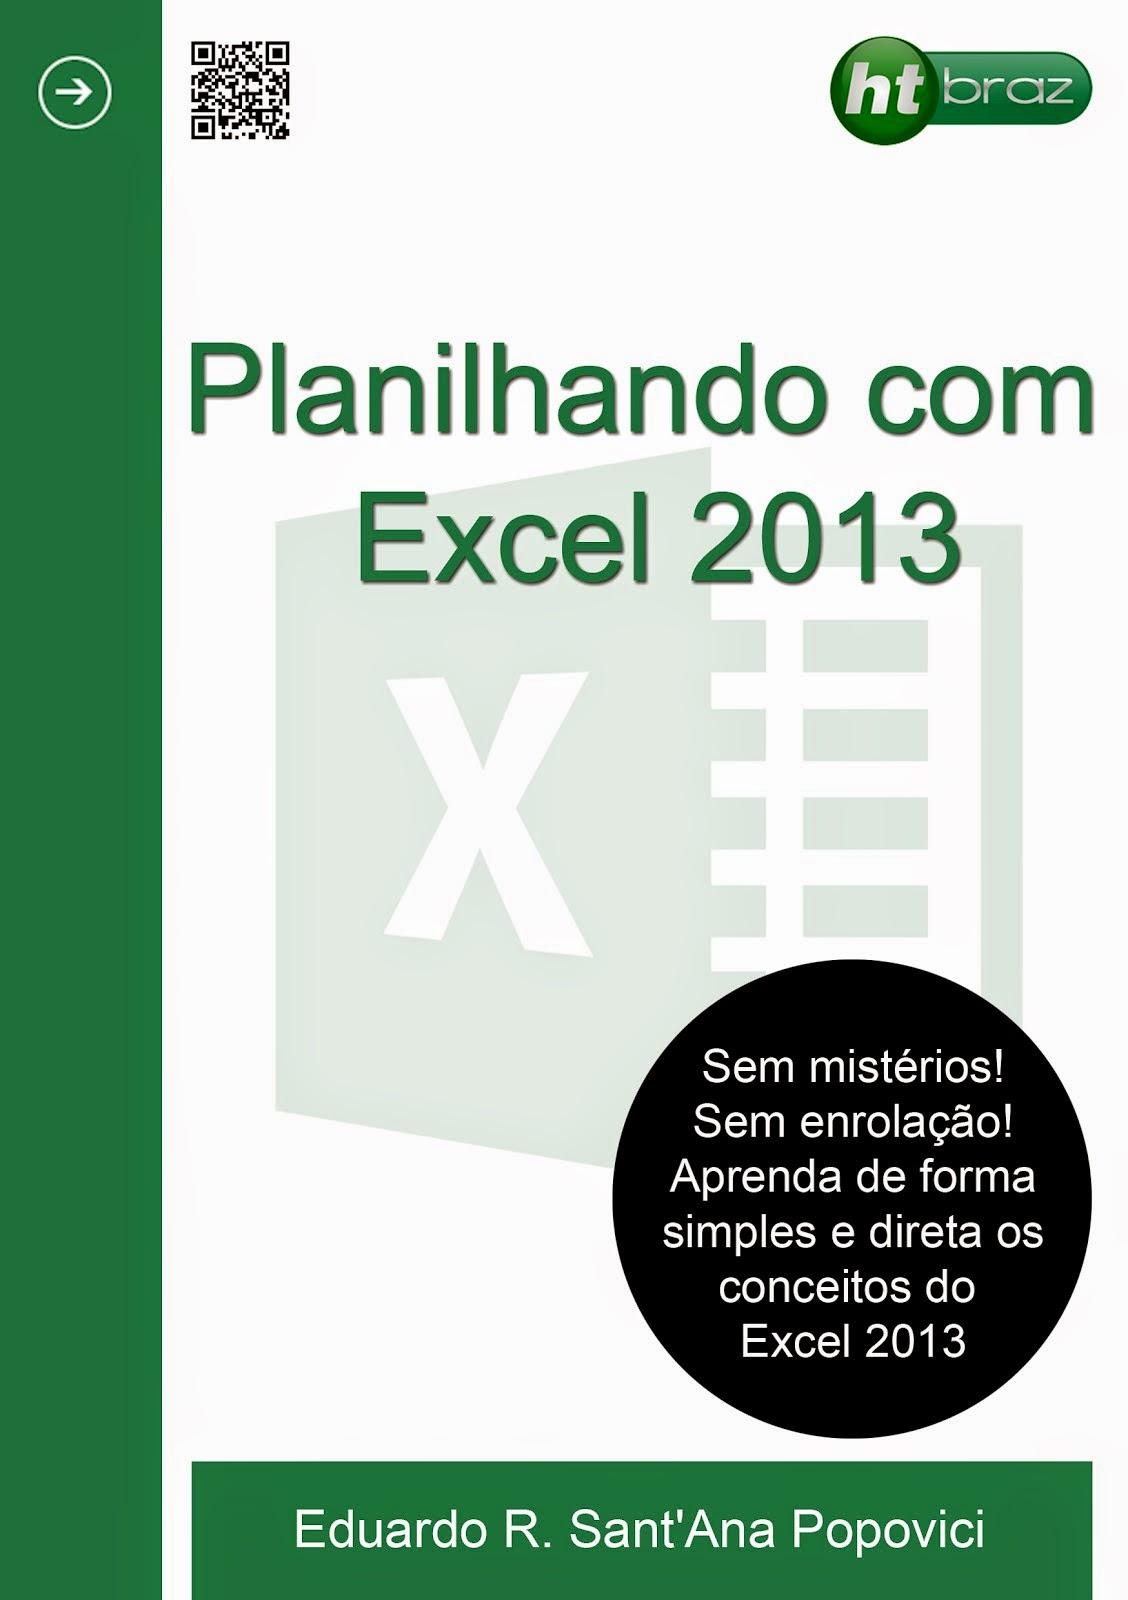 Planilhando com Excel 2013